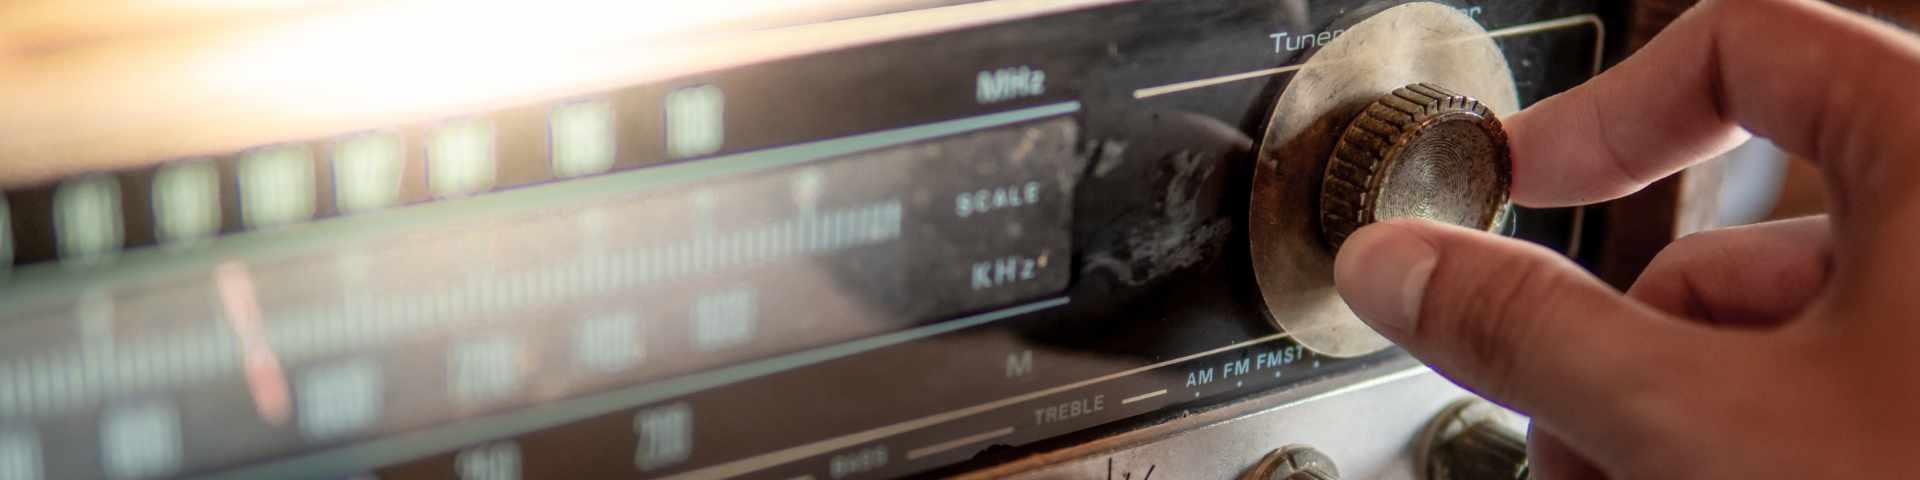 Ziggo stopt analoge fm radio